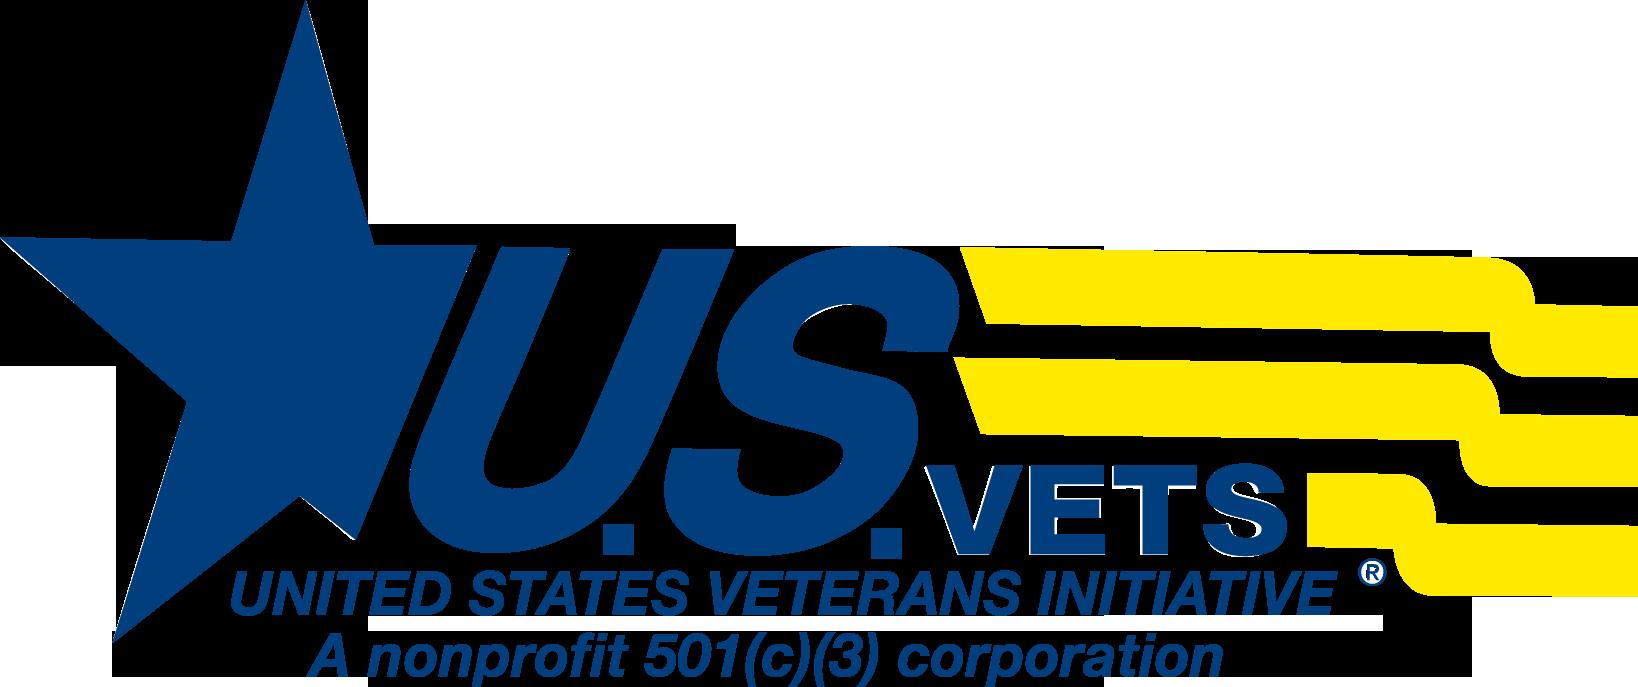 United States Veterans Initiative